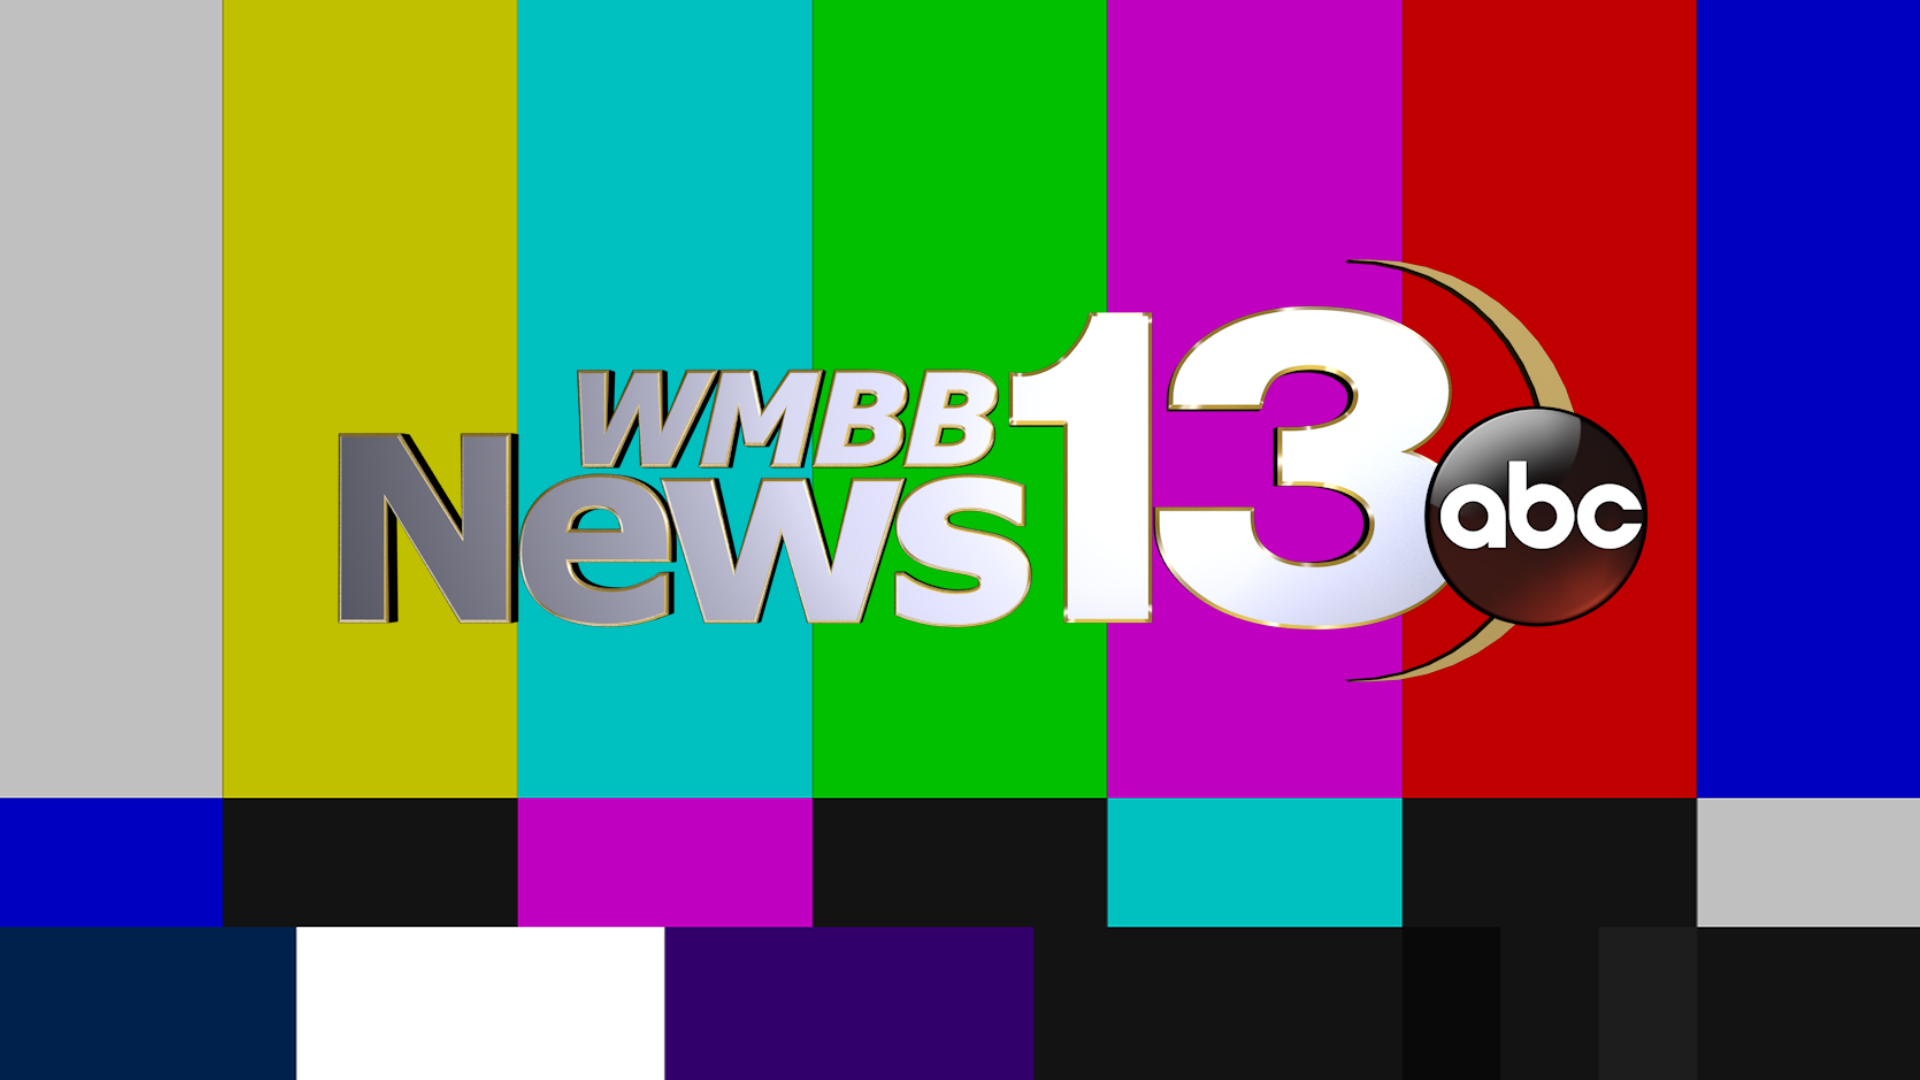 WMBB Antenna Reception Information